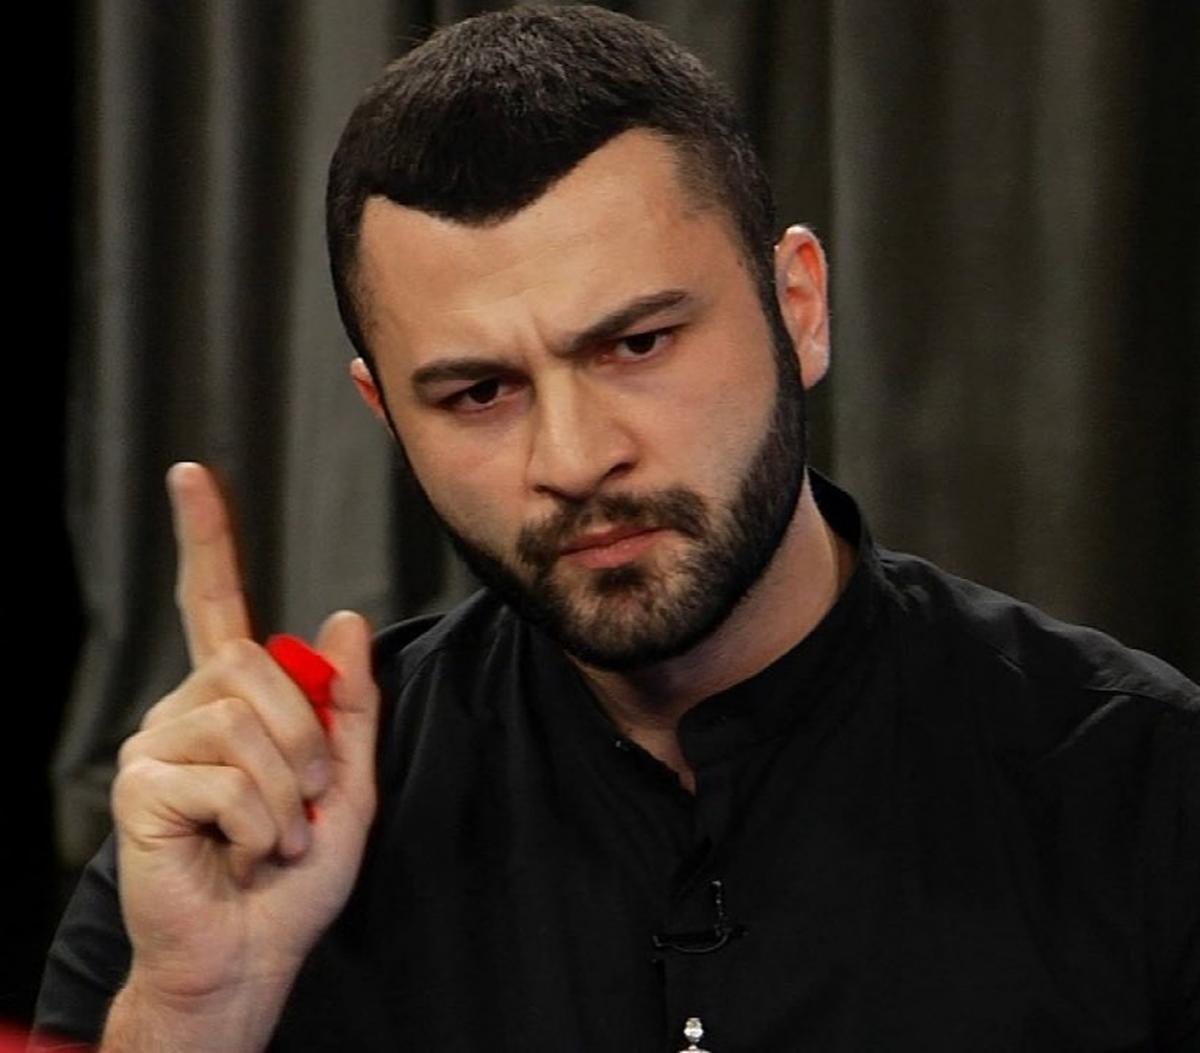 Победитель «Битвы экстрасенсов» Константин Гецати: в 2018 году ужасная судьба постигнет известного во всем мире политика